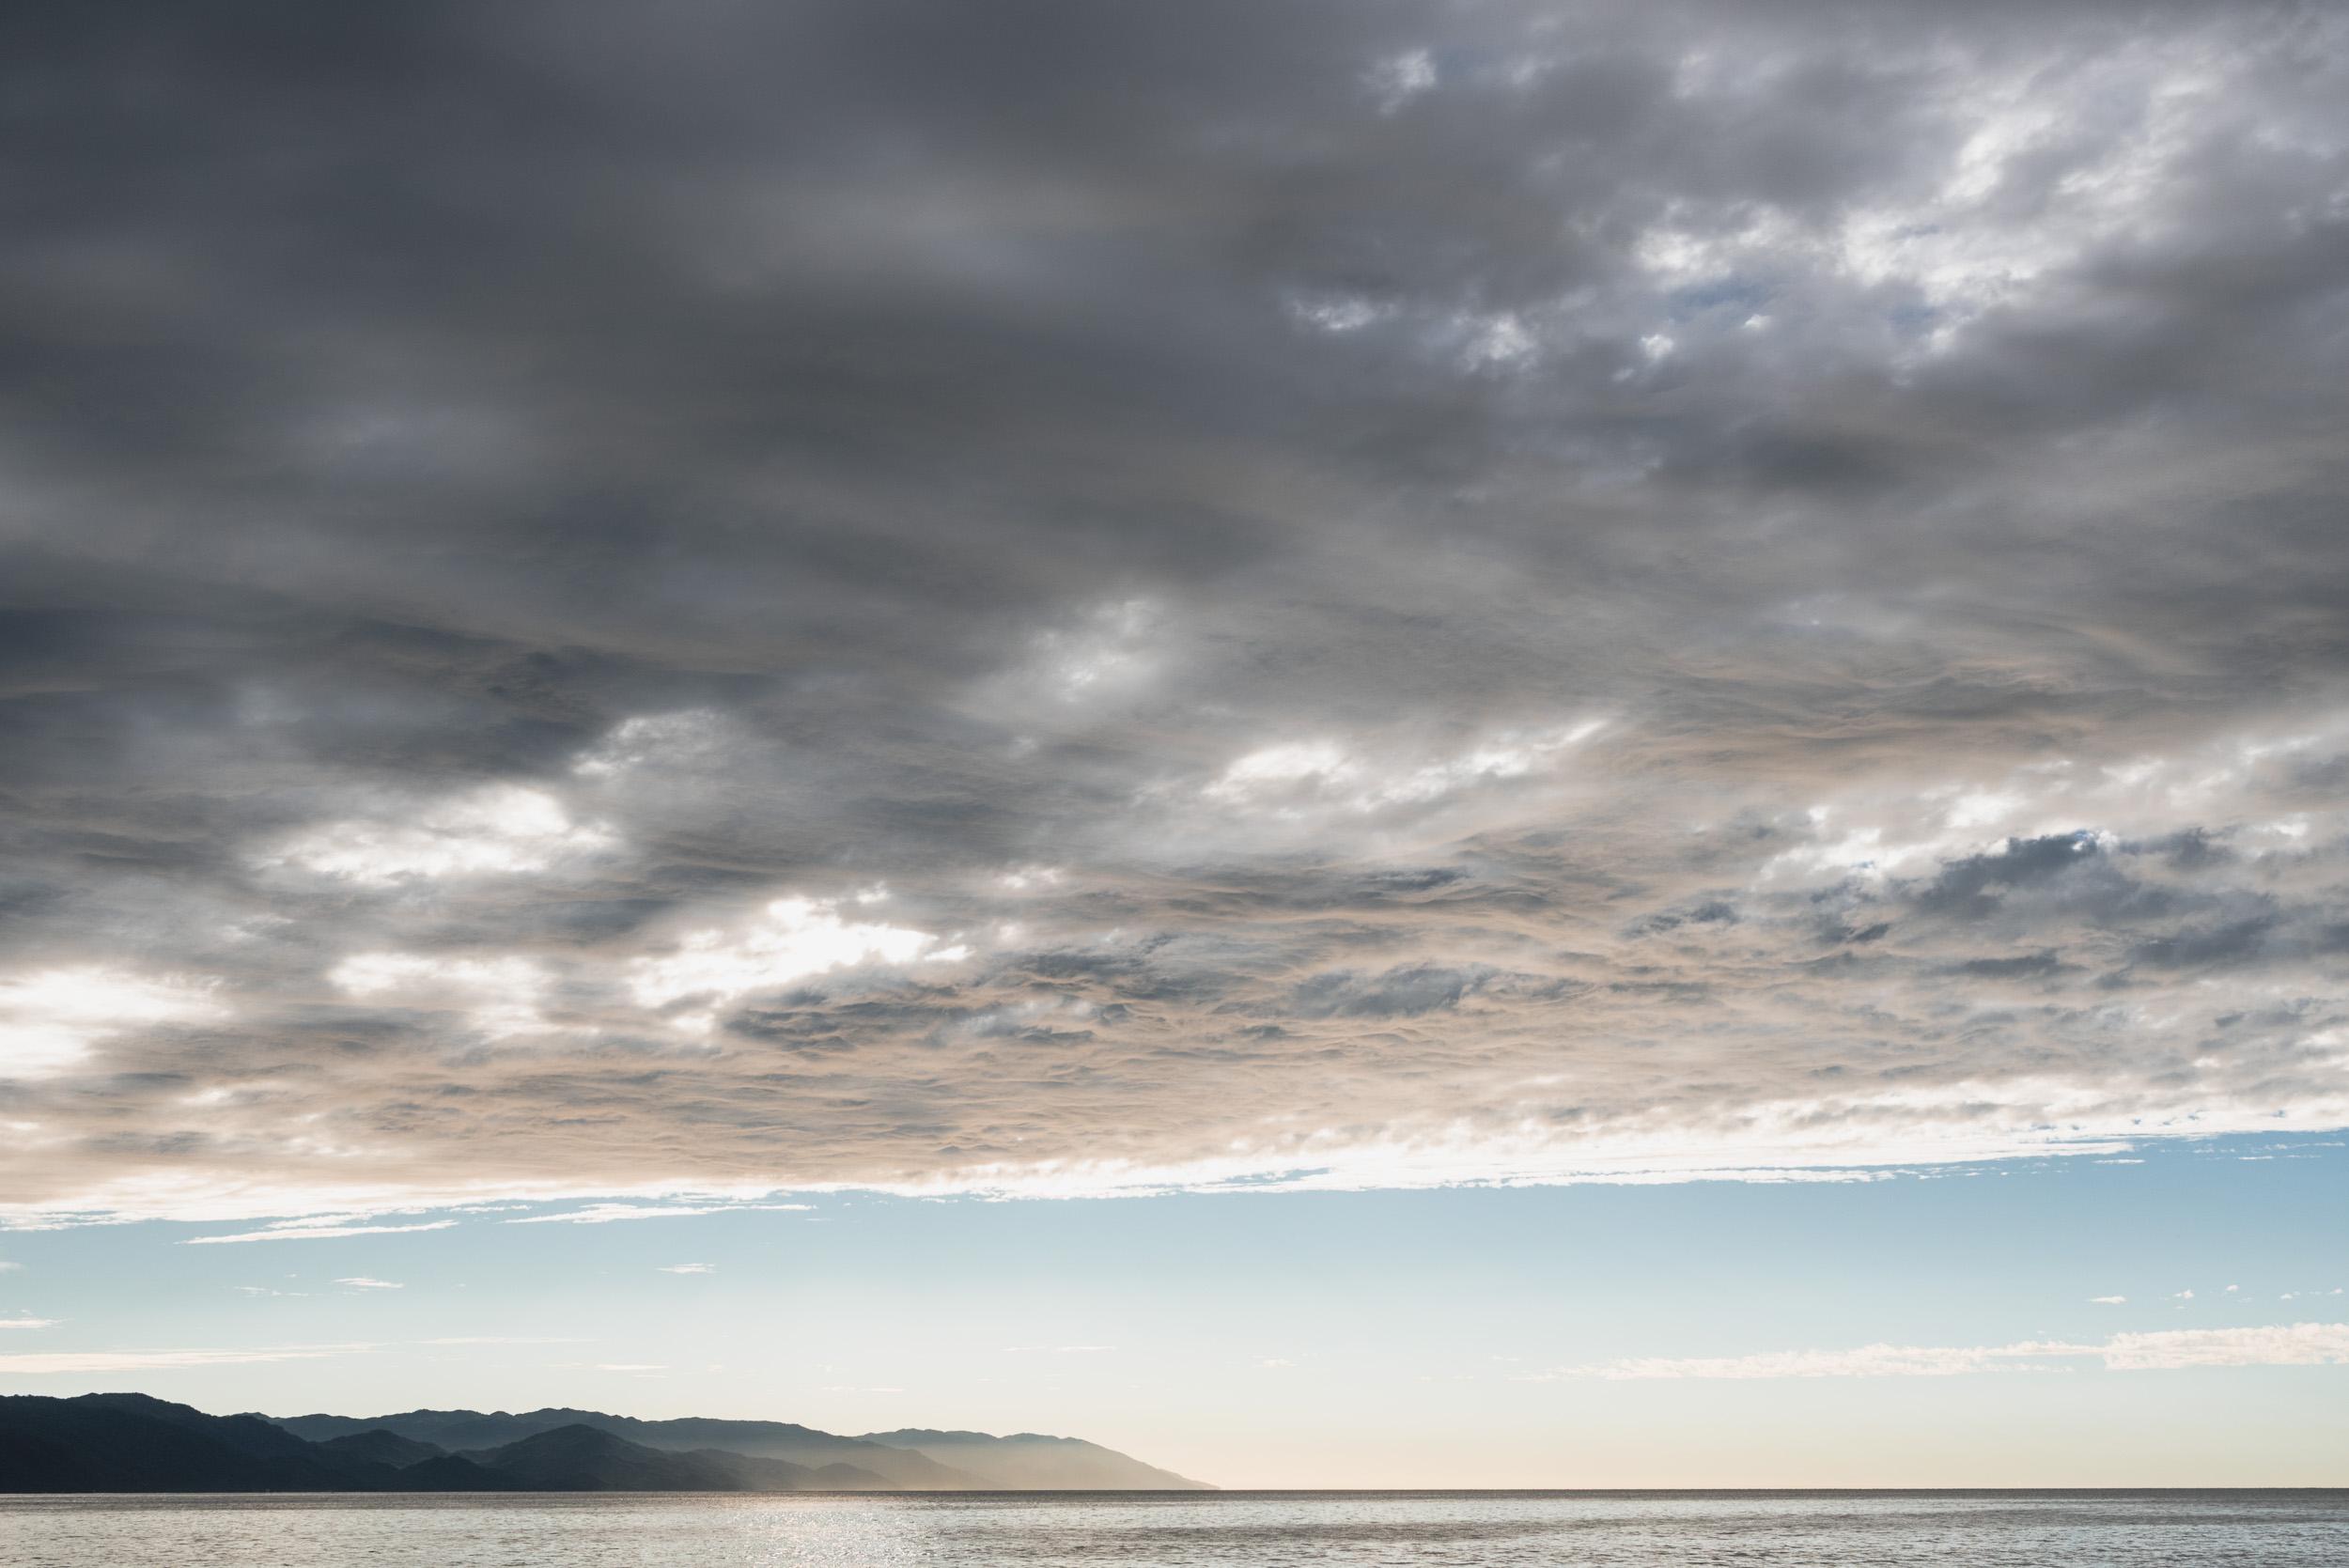 Puerto Vallarta sunset beach scene